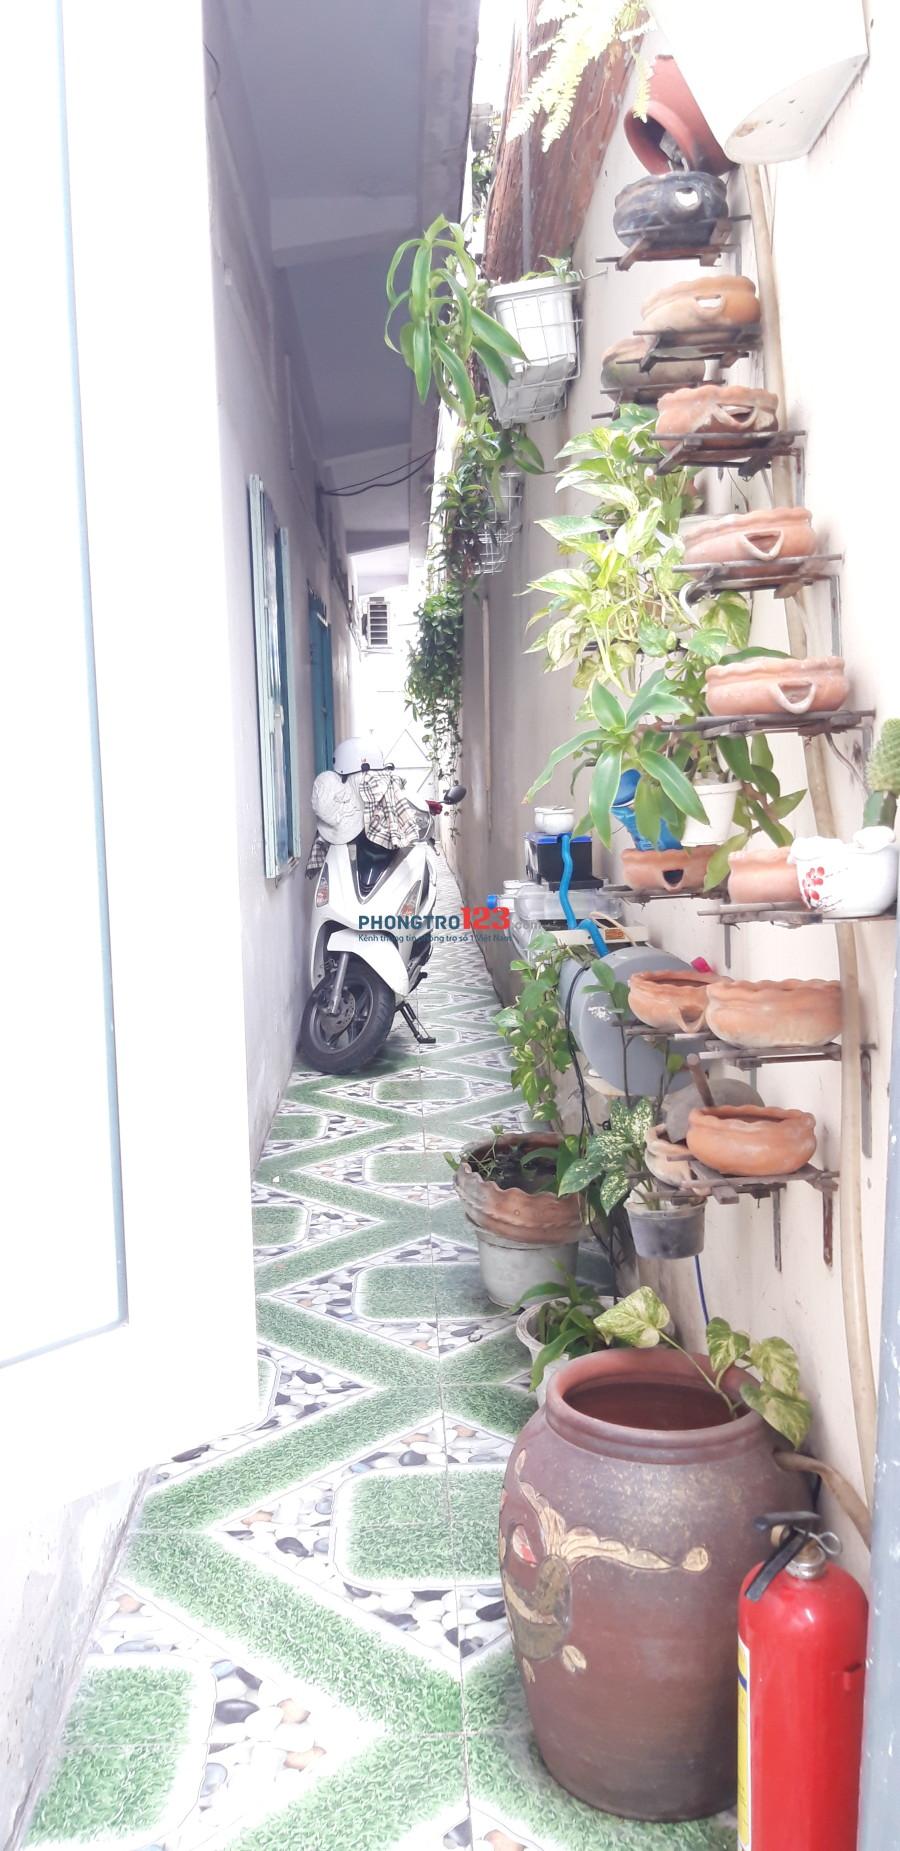 Cho thuê nhà 65m2 ngay mặt tiền 399 Nguyễn Trọng Tuyển, P.2, Tân Bình khu trung tâm nhiều tiện ích